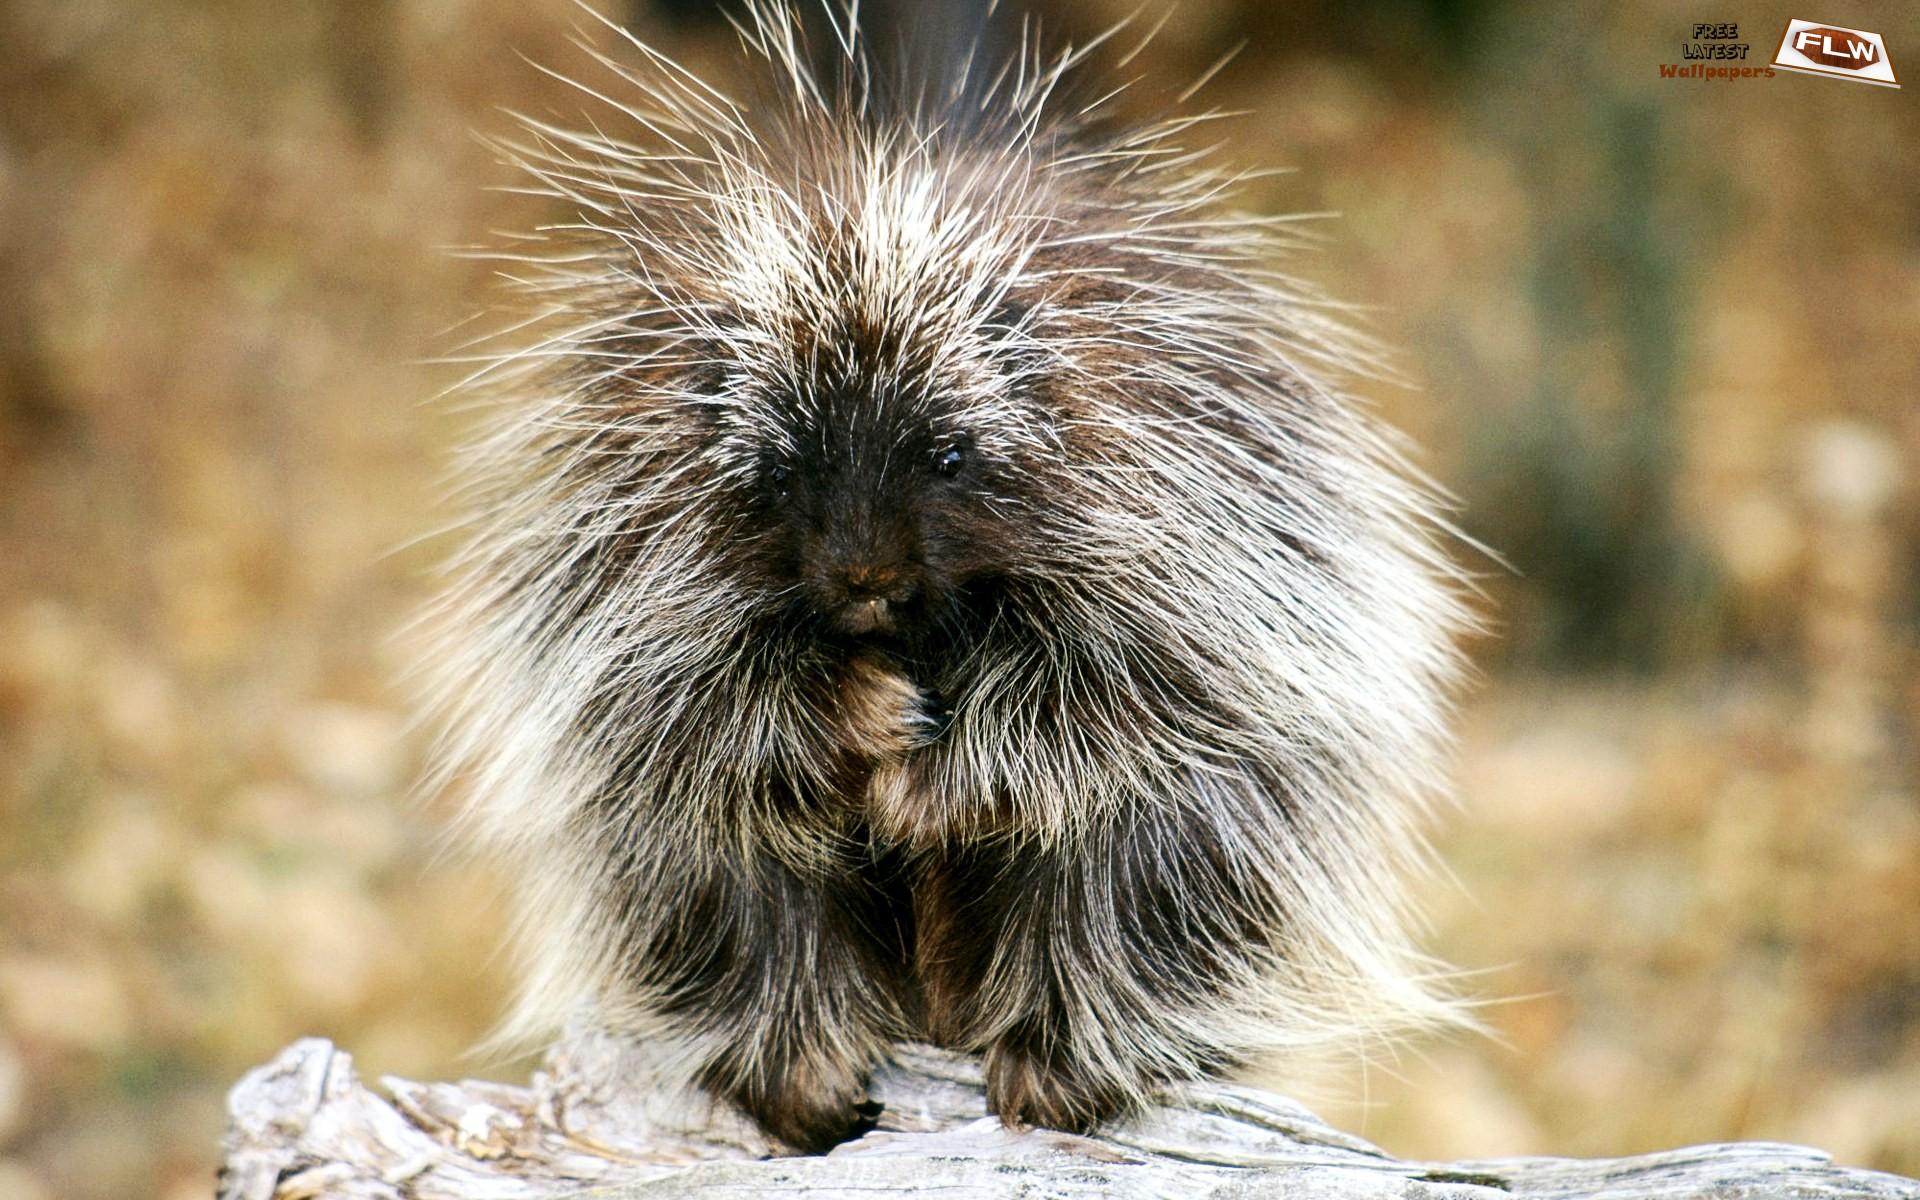 http://khanehsher.persiangig.com/image/animalss/%E2%99%A519.jpg